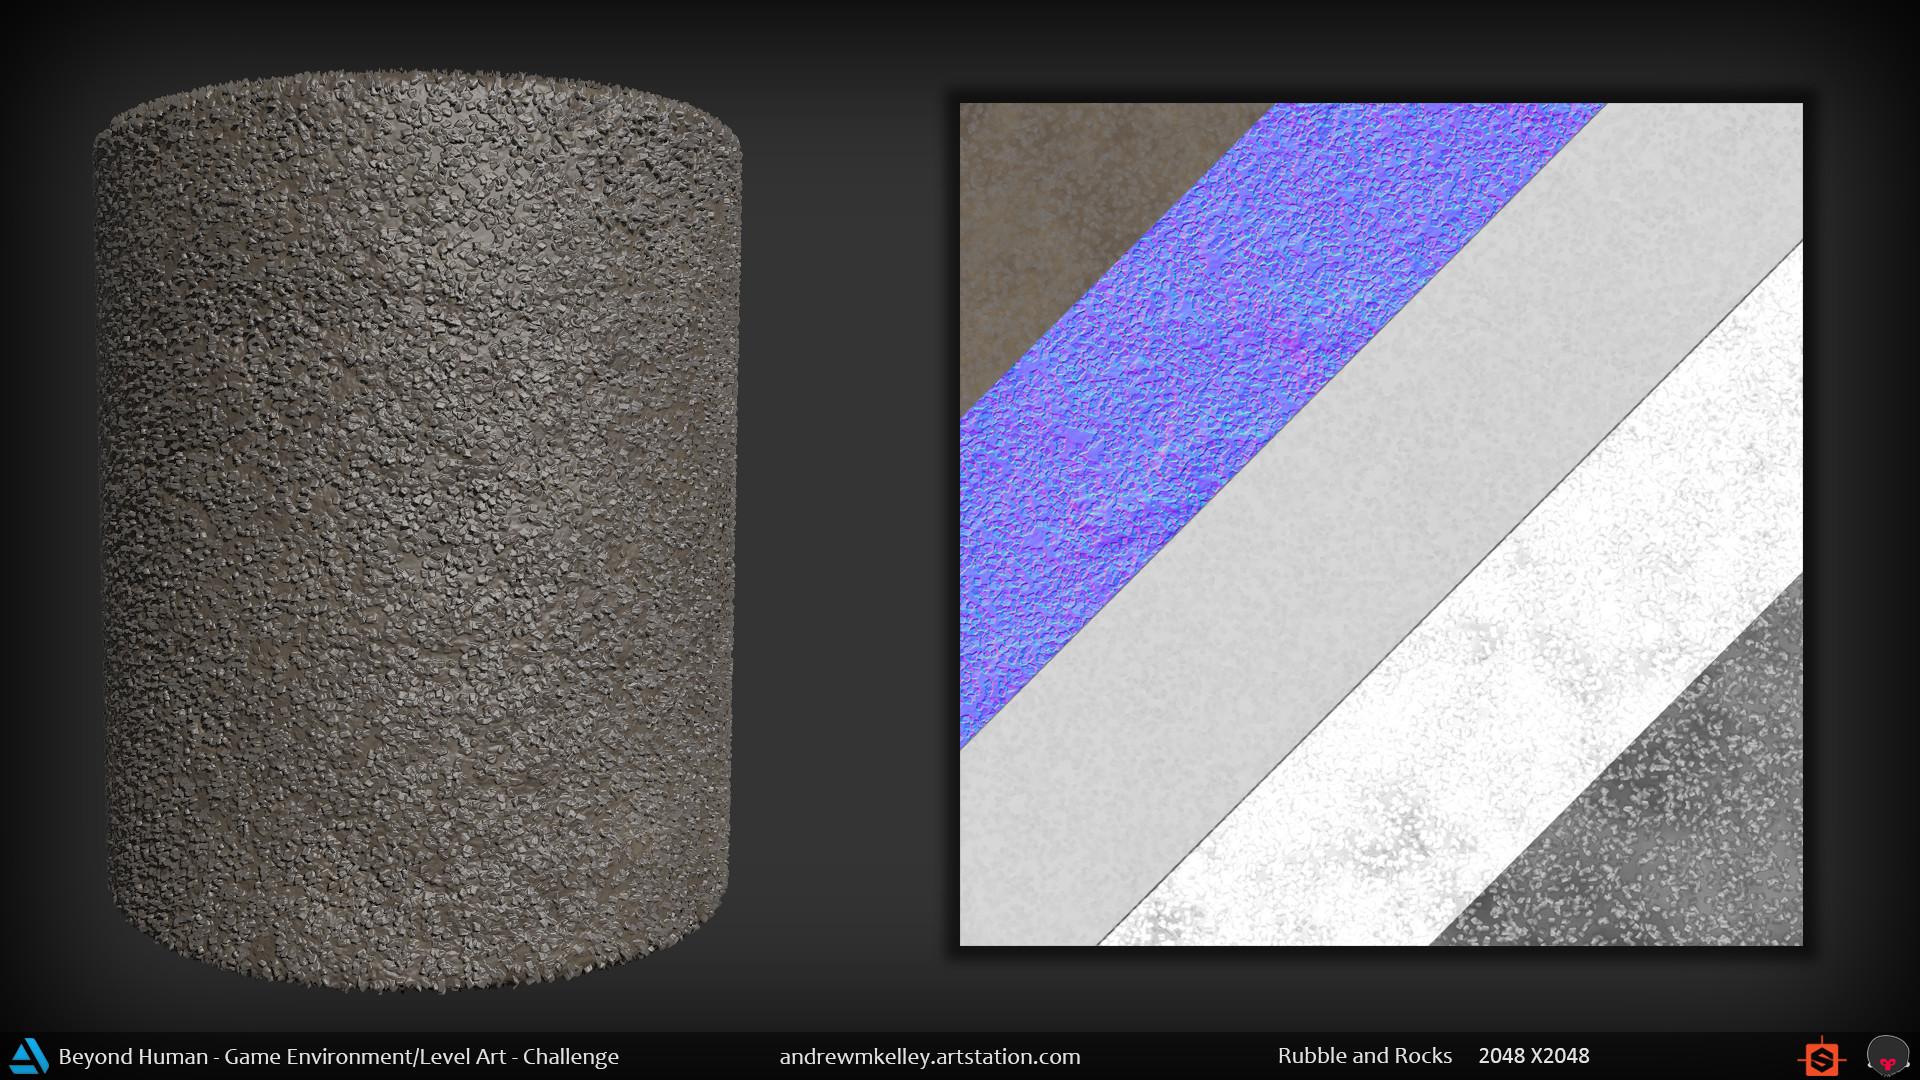 Andrew kelley materialshot rubbleandrocks